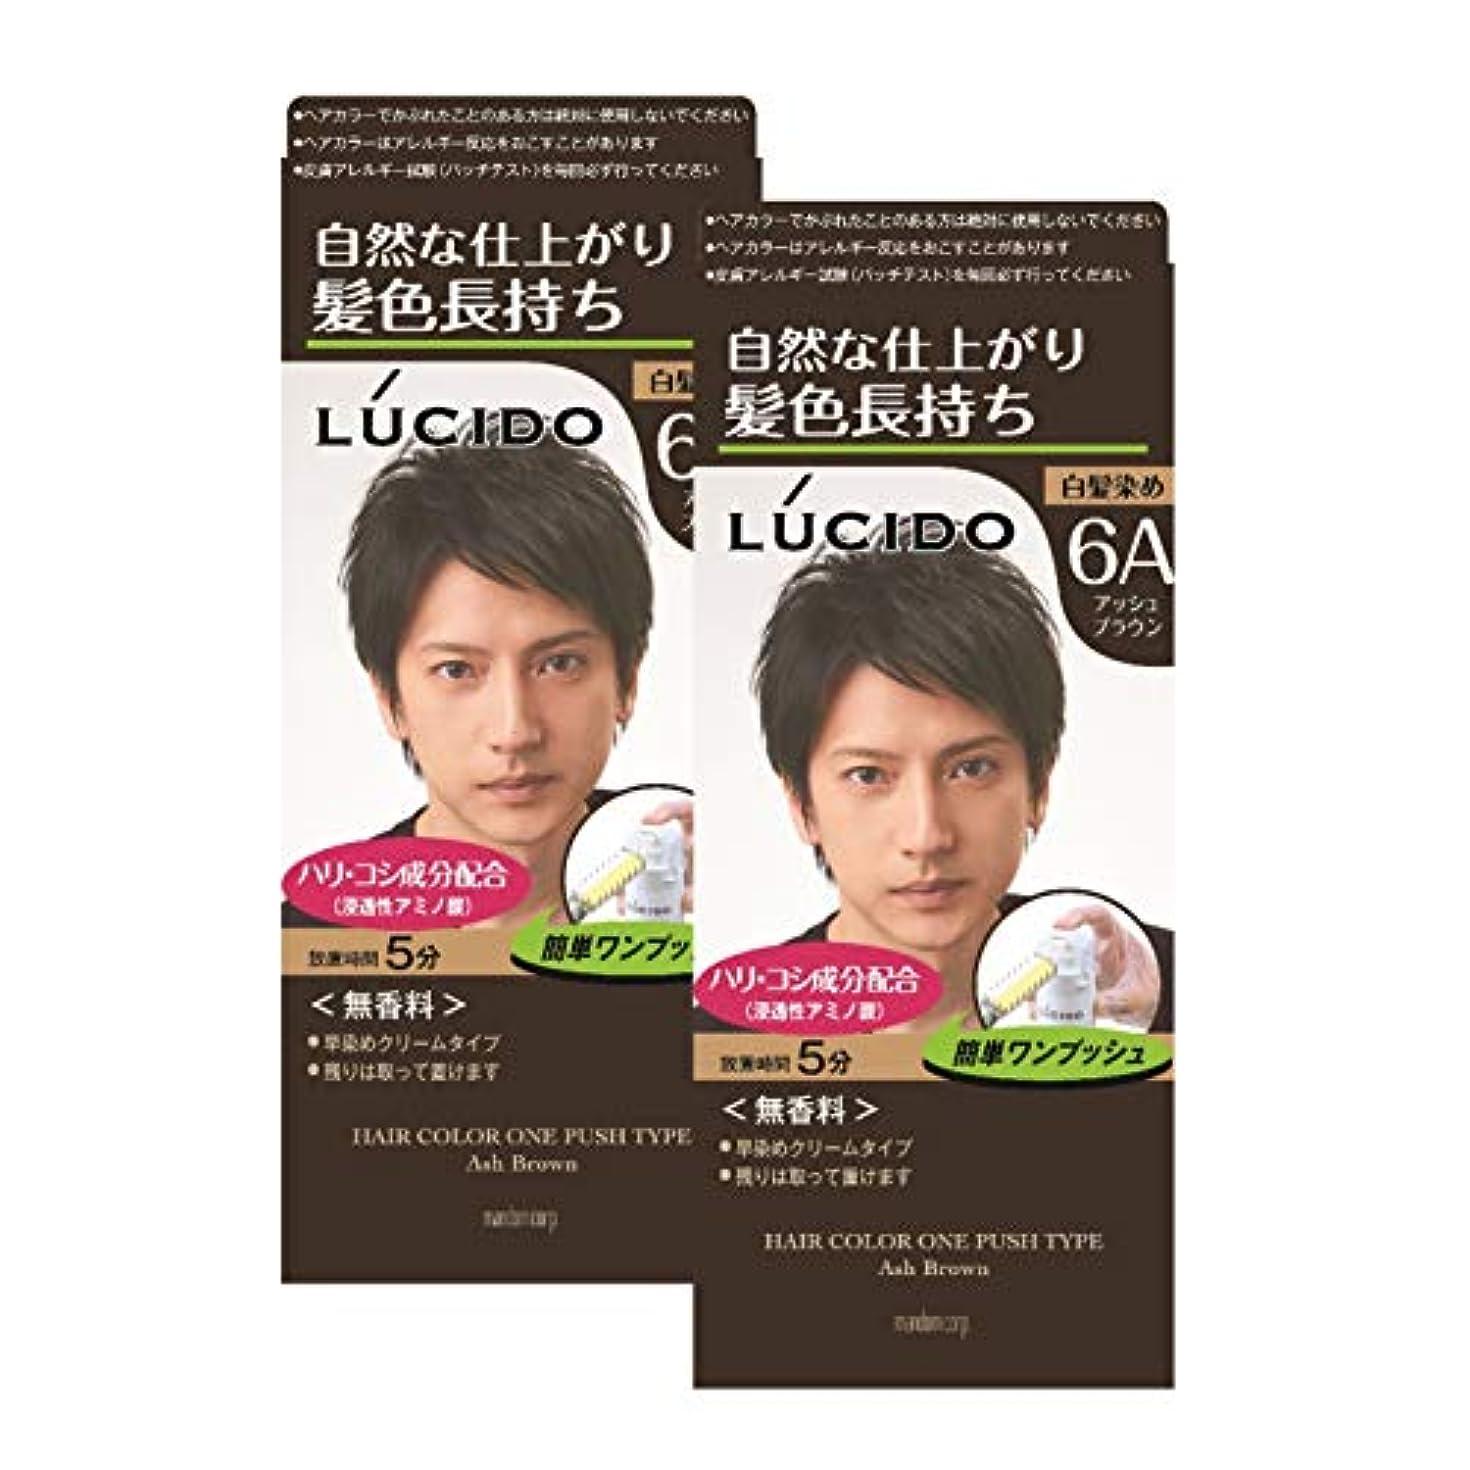 競争力のある見積りグリーンバックLUCIDO(ルシード) ルシード ワンプッシュケアカラー アッシュブラウン (医薬部外品) 白髪染め 2個パック